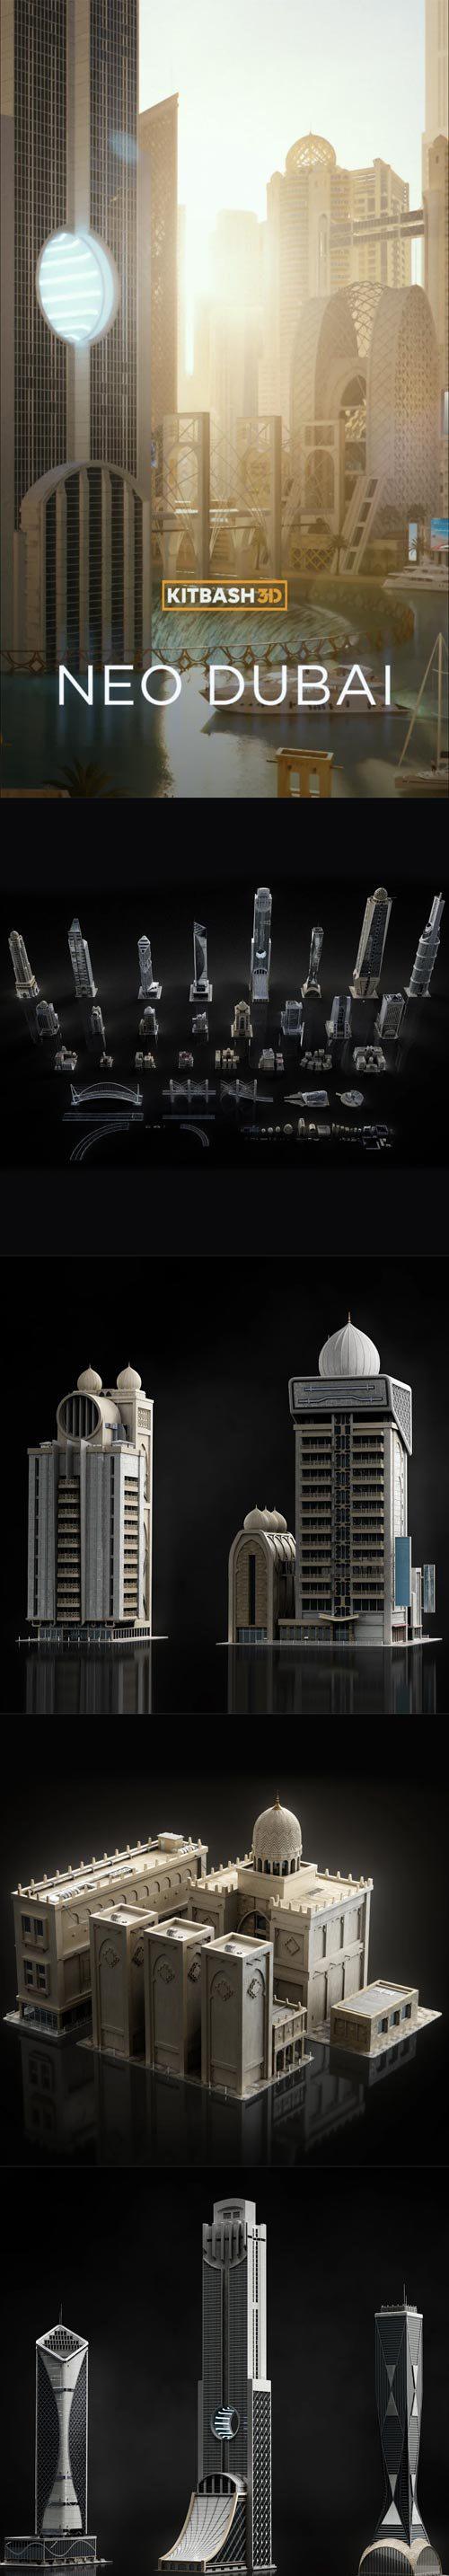 Kitbash3D Neo Dubai...